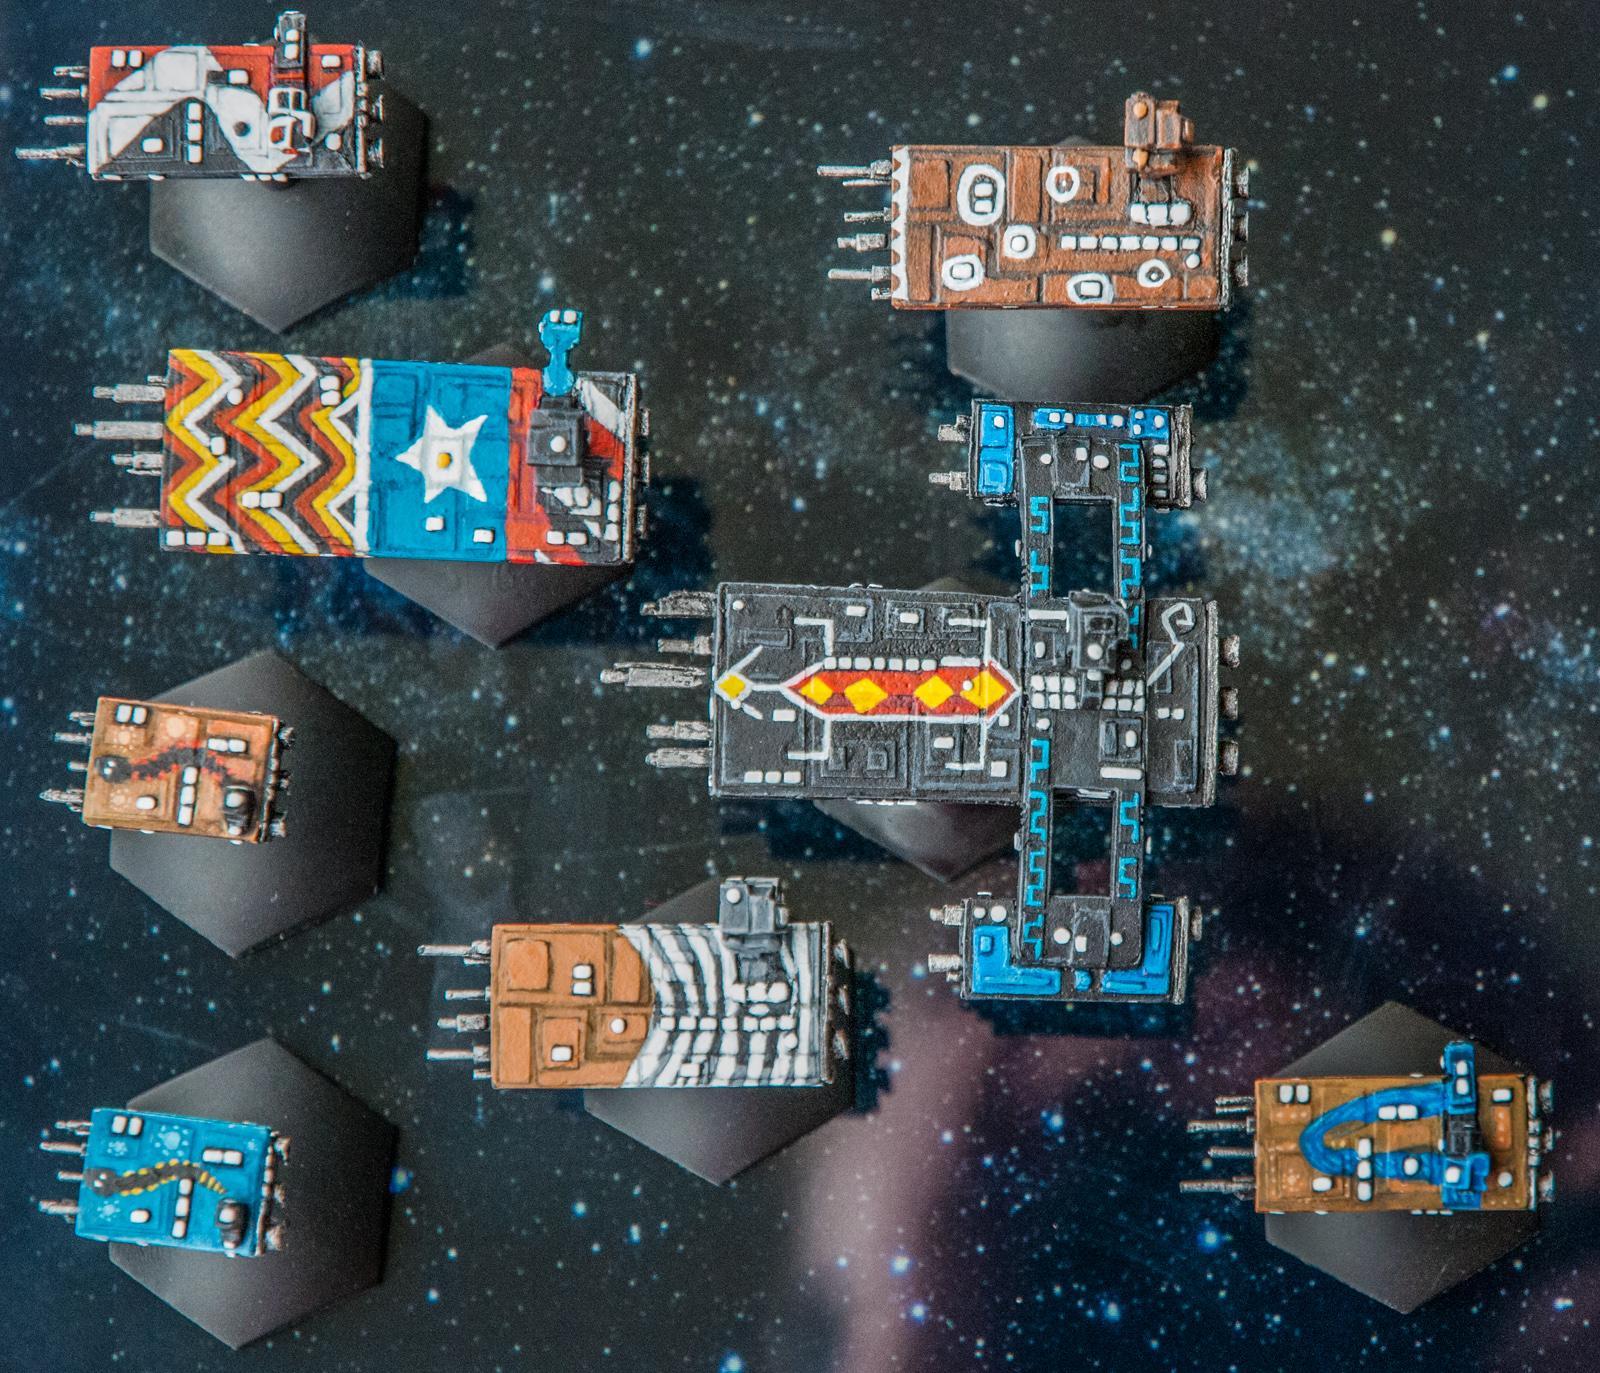 Battlecruisers, Cruiser, Destroyer, Frigates, Full Thrust, Ground Zero Games, Oceanic Union, Spaceships